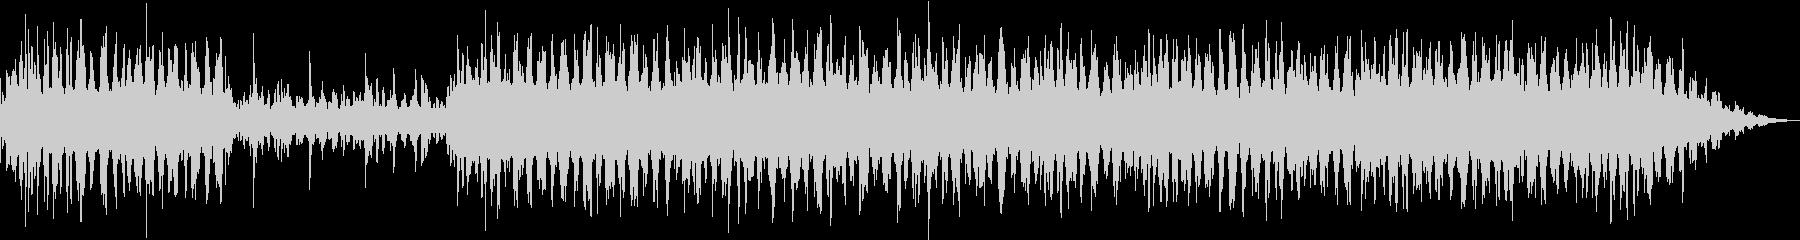 アンビエントなソルフェジオ周波数音楽の未再生の波形